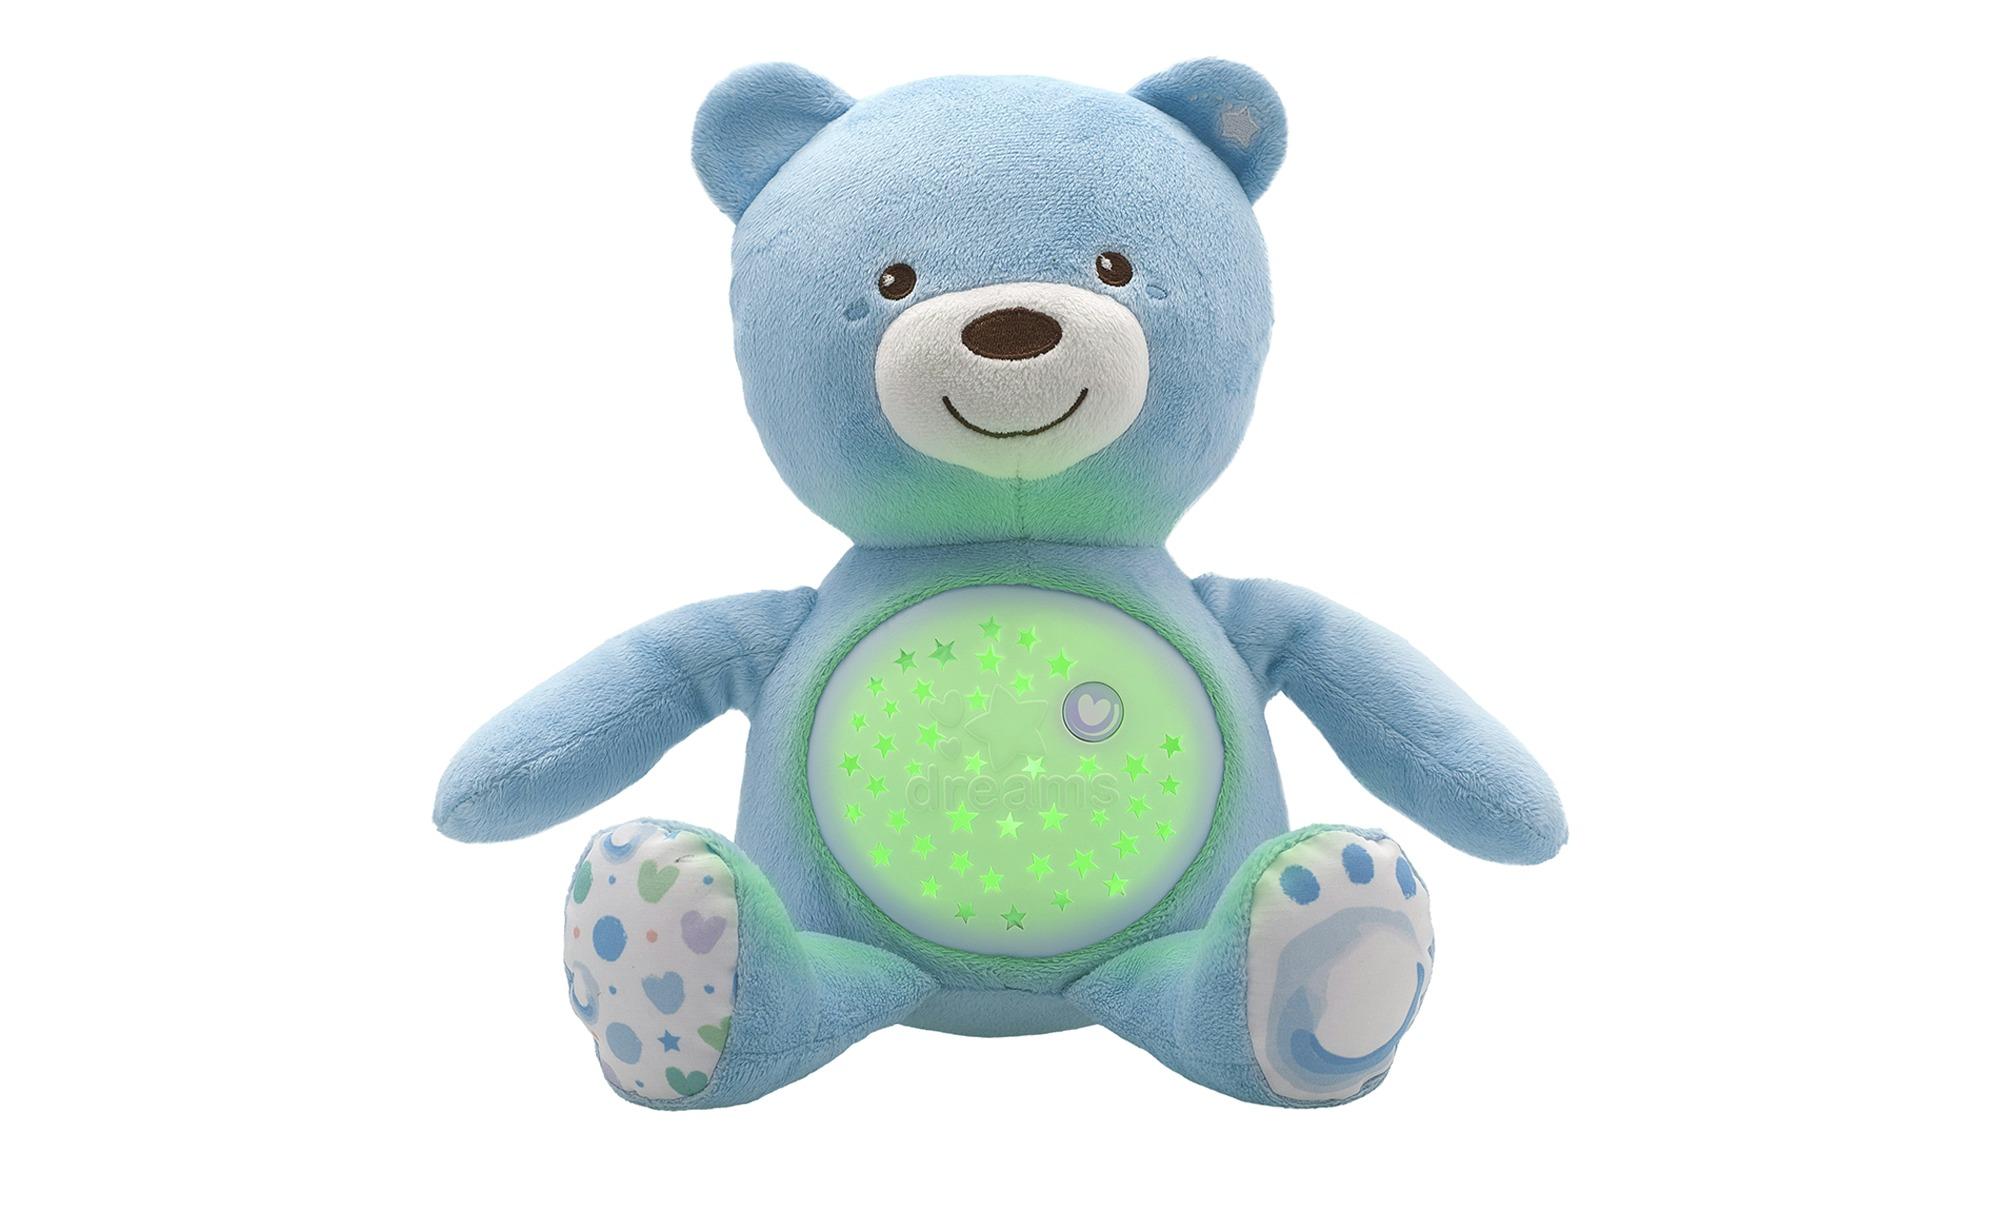 Chicco Nachtlicht  Musikalischer Baby Bär - blau - 100% Polyester - 36,5 cm - 14 cm - Baby > Spielen - Möbel Kraft | Lampen > Kinderzimmerlampen | Chicco